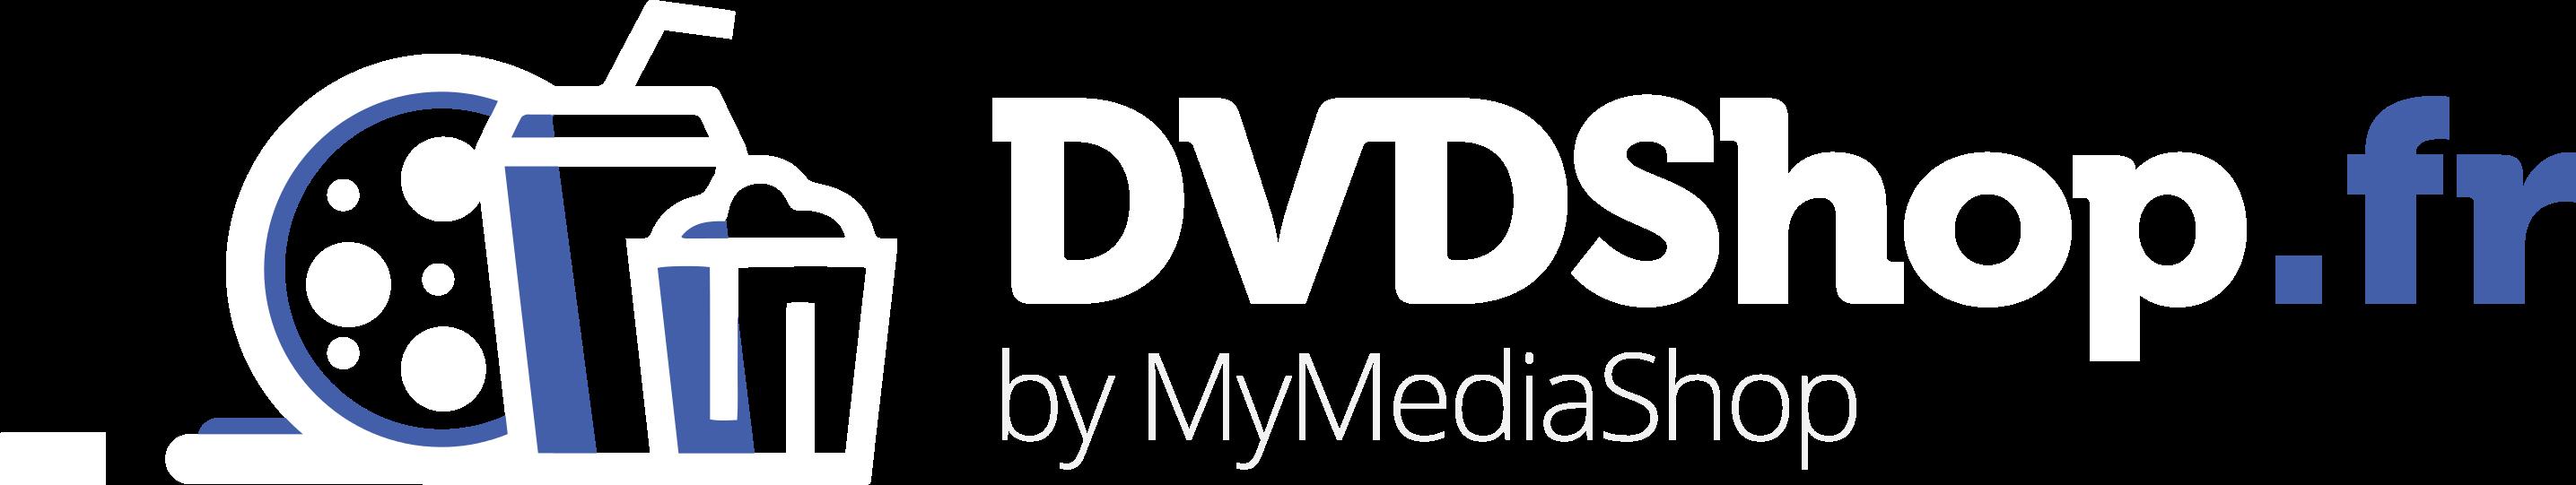 Dvdshop vente de DVD